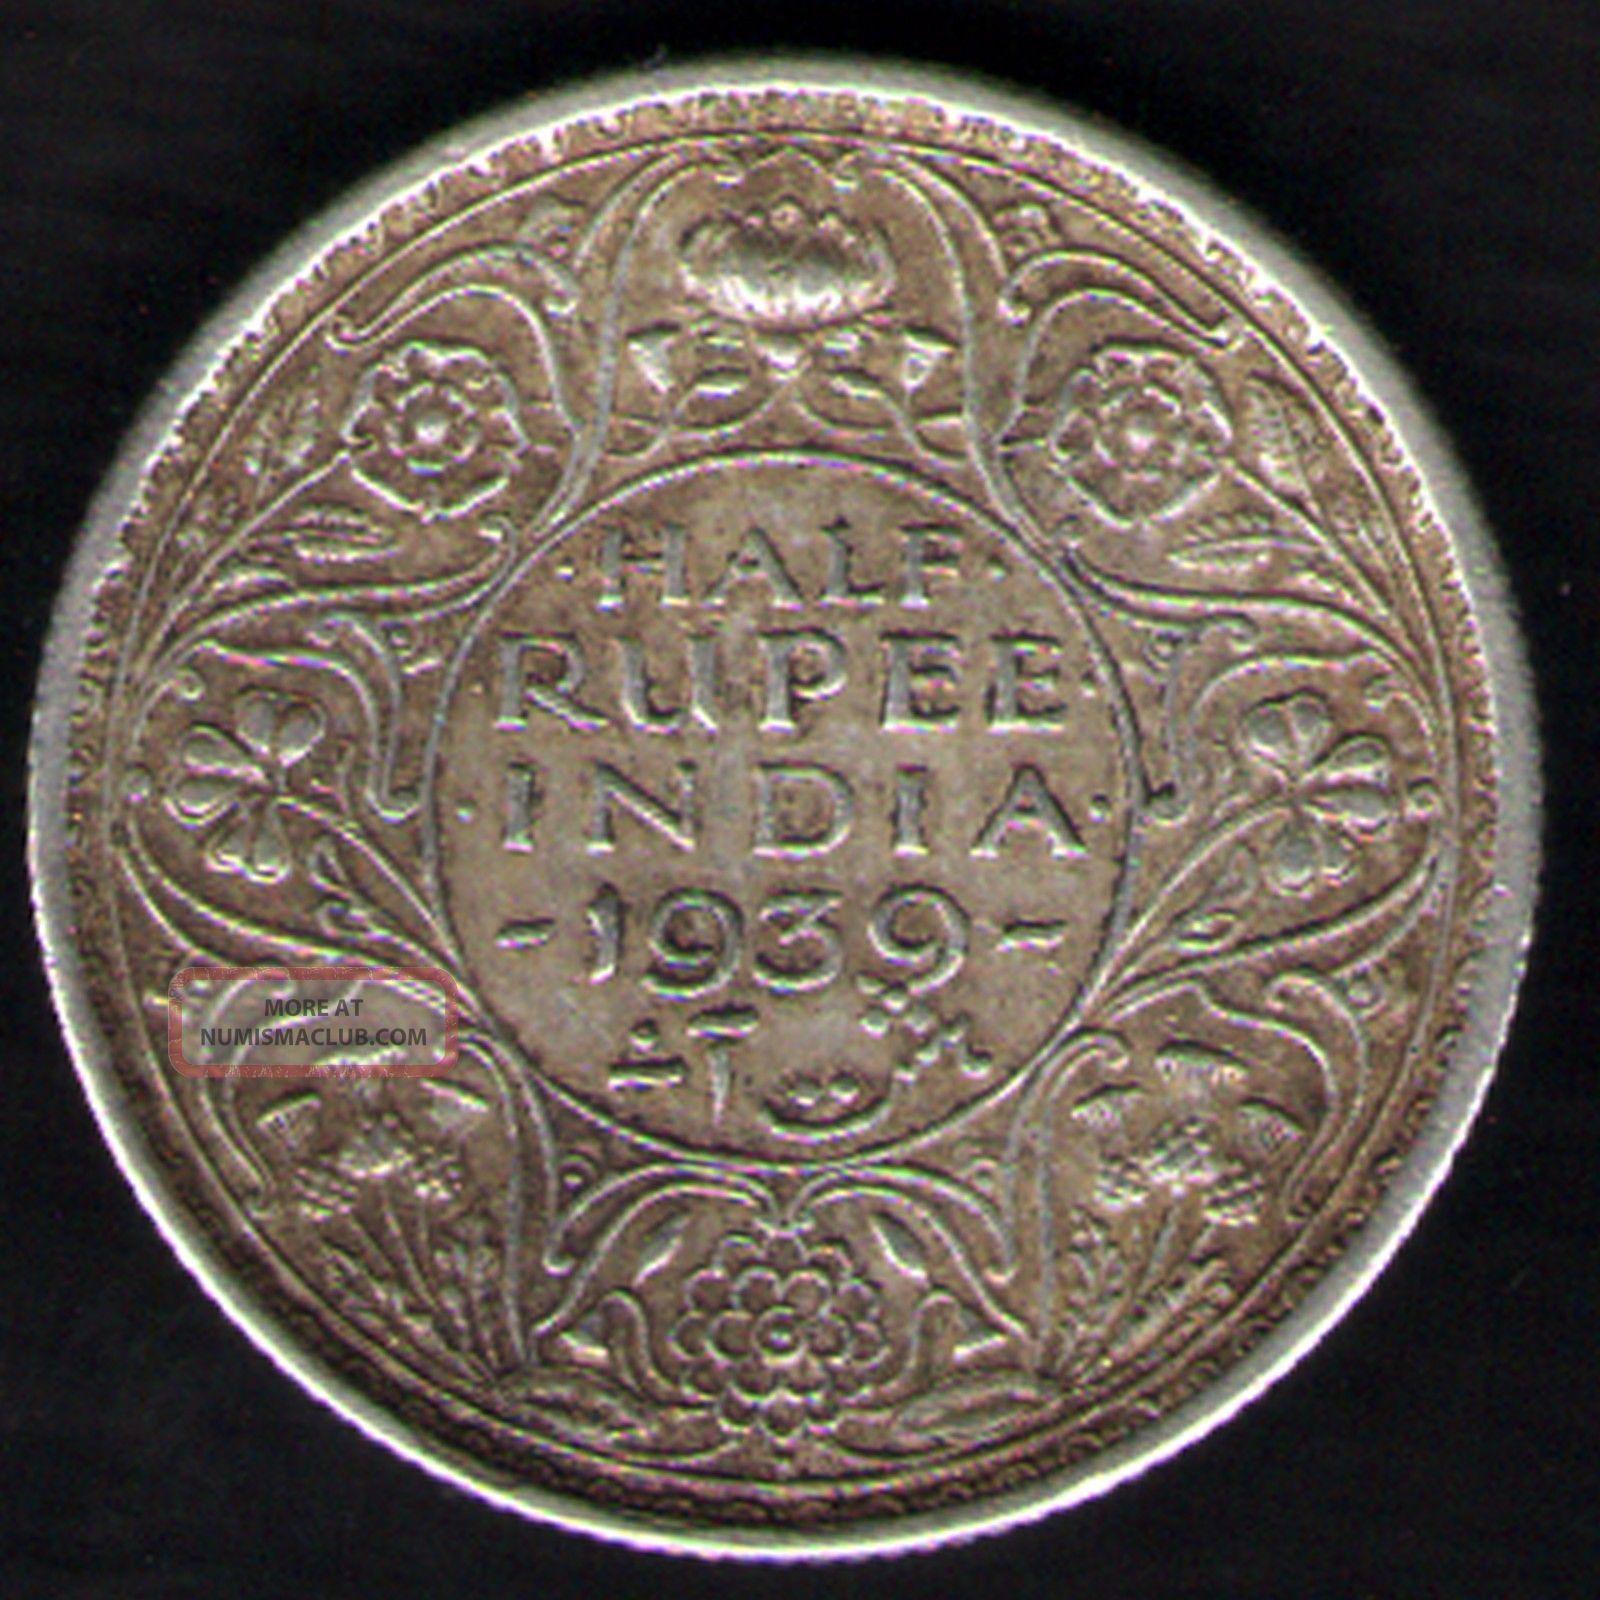 British India - 1939 - George Vi 1/2 Rupee Silver Coin Ex - Rare Coin India photo